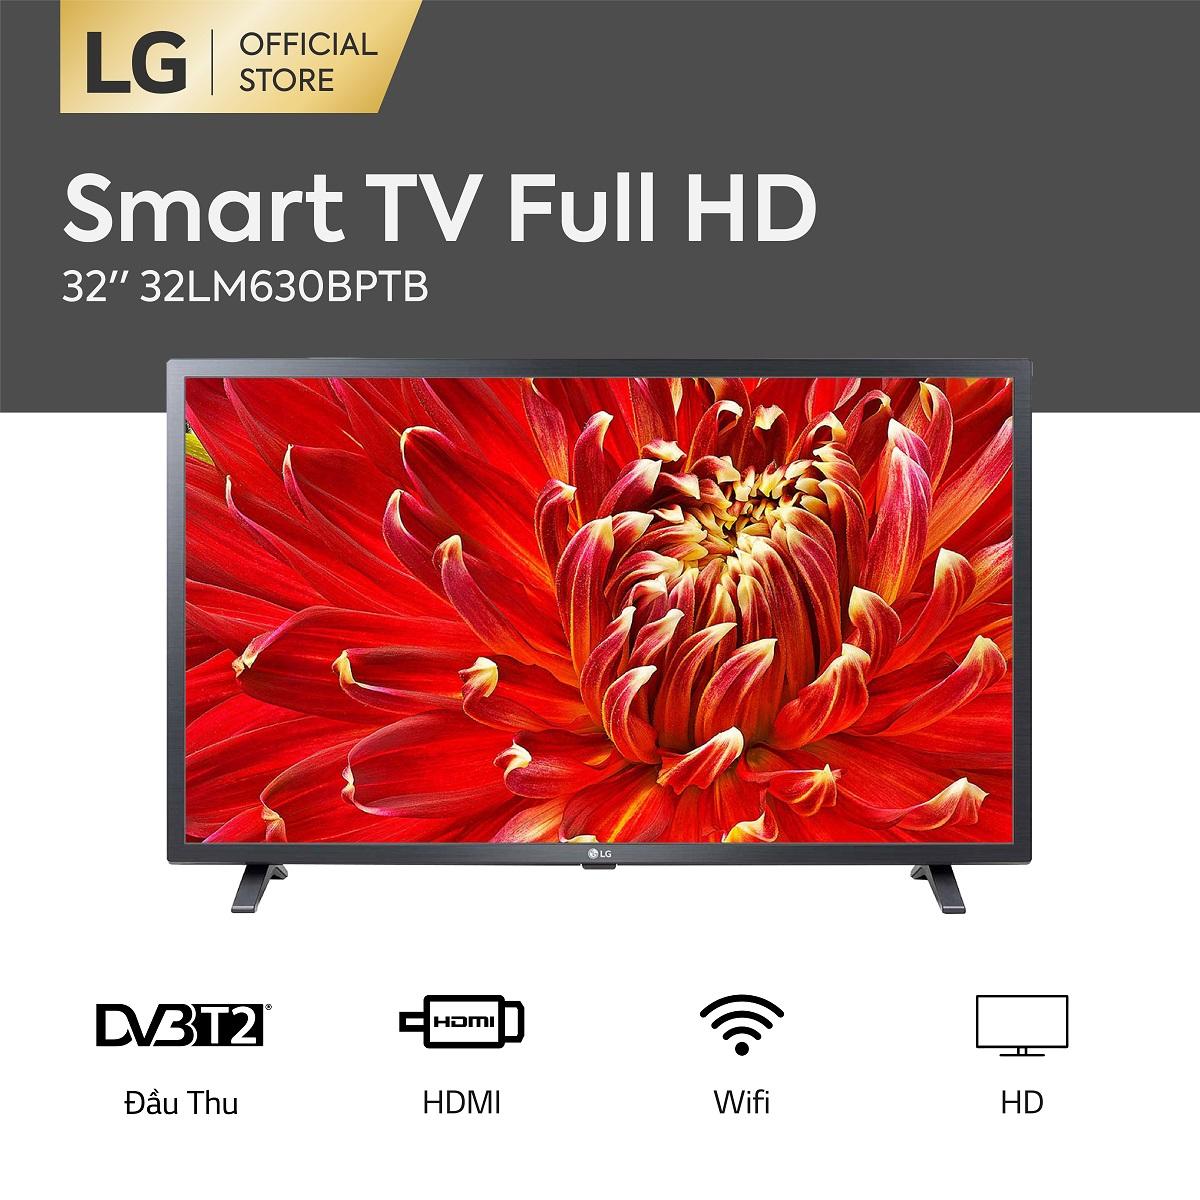 Smart TV LG 32inch HD - Model 32LM630BPTB (2019)  Chip Xử Lý Quad Core Active HDR  Dolby Audio - Hãng Phân Phối Chính Thức - Kết Nối Không Dây Với điện Thoại, Máy Tính Bảng Siêu Ưu Đãi tại Lazada